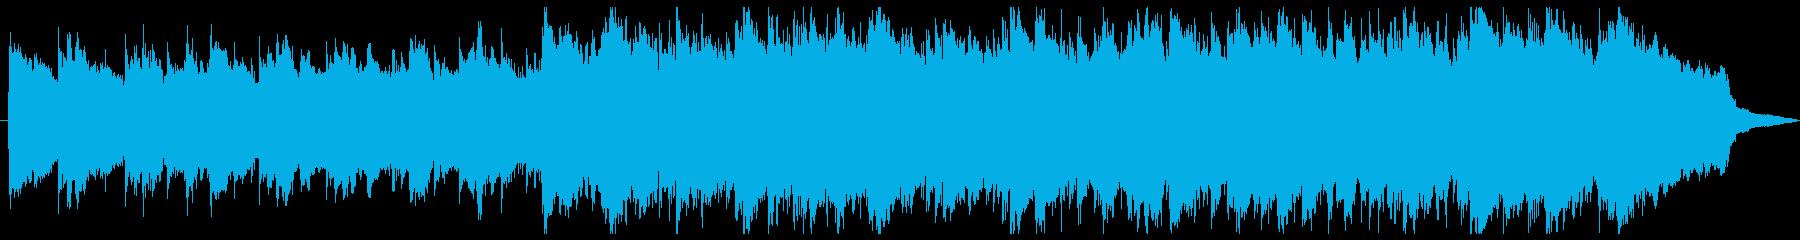 尺八の和風な曲の再生済みの波形